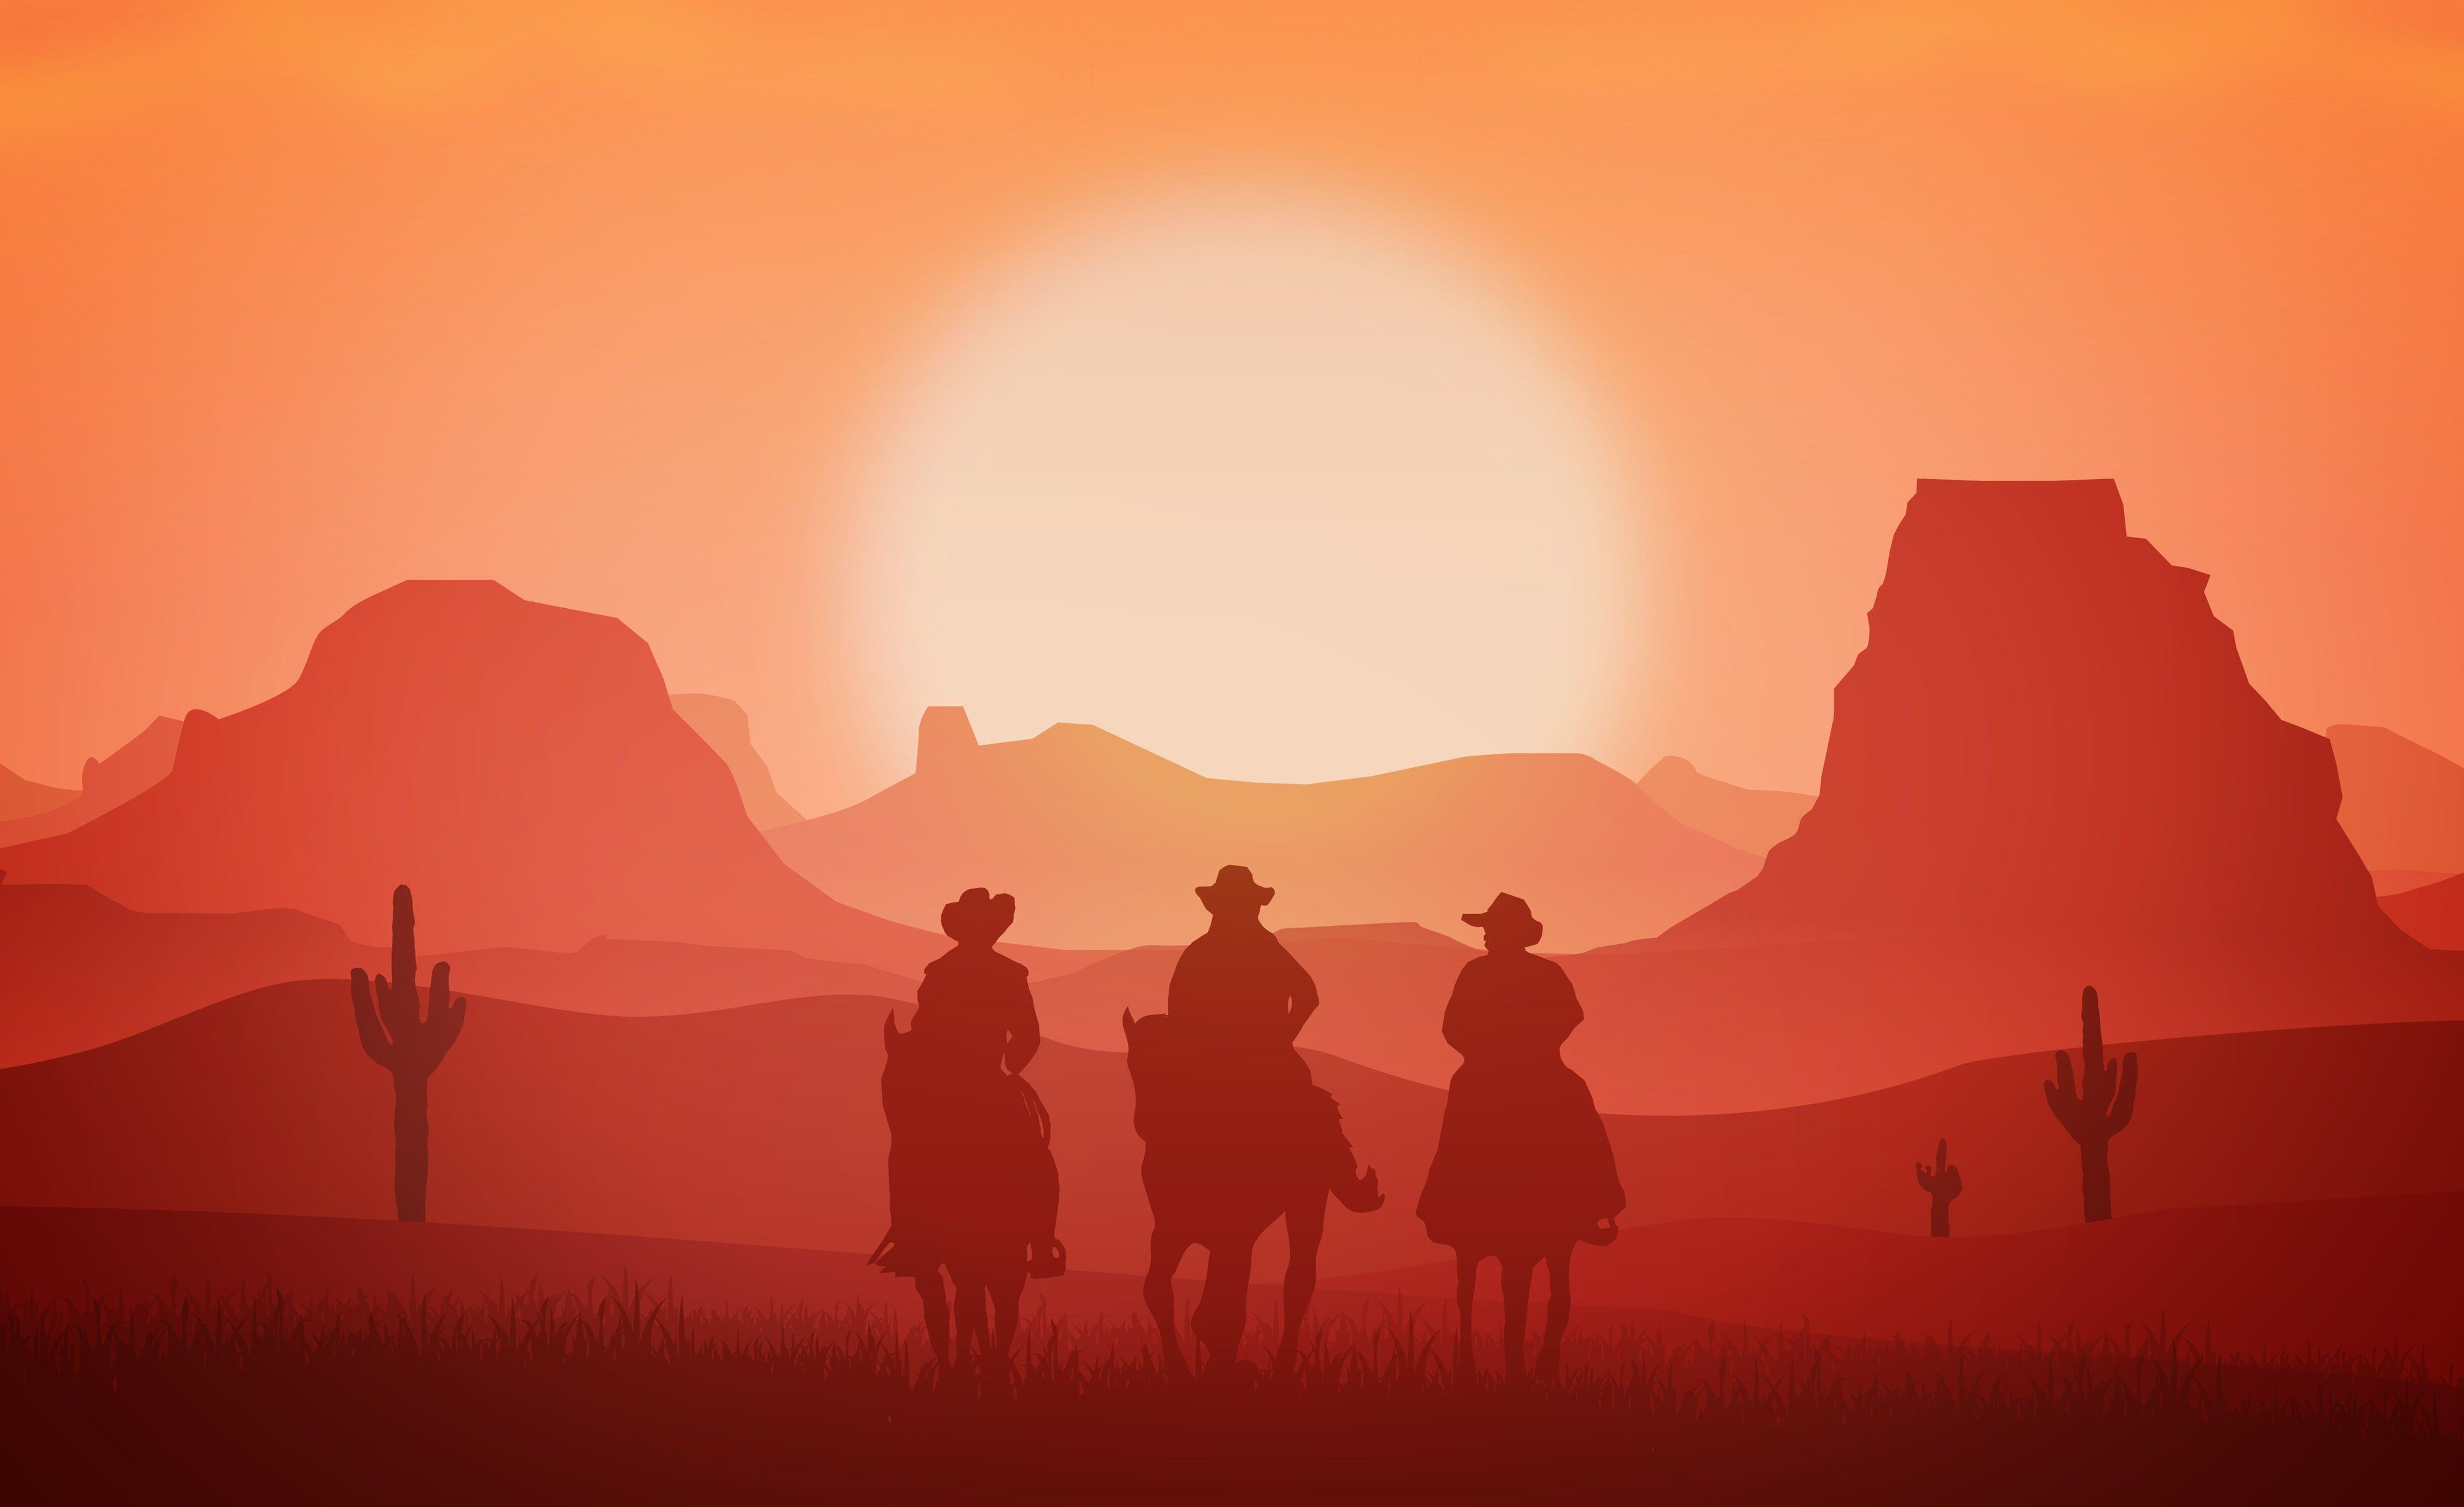 Wild West Cowboys Horses Sunset Western 4k 4k Wallpaper Hdwallpaper Desktop Art Wallpaper Minimalist Wallpaper West Art